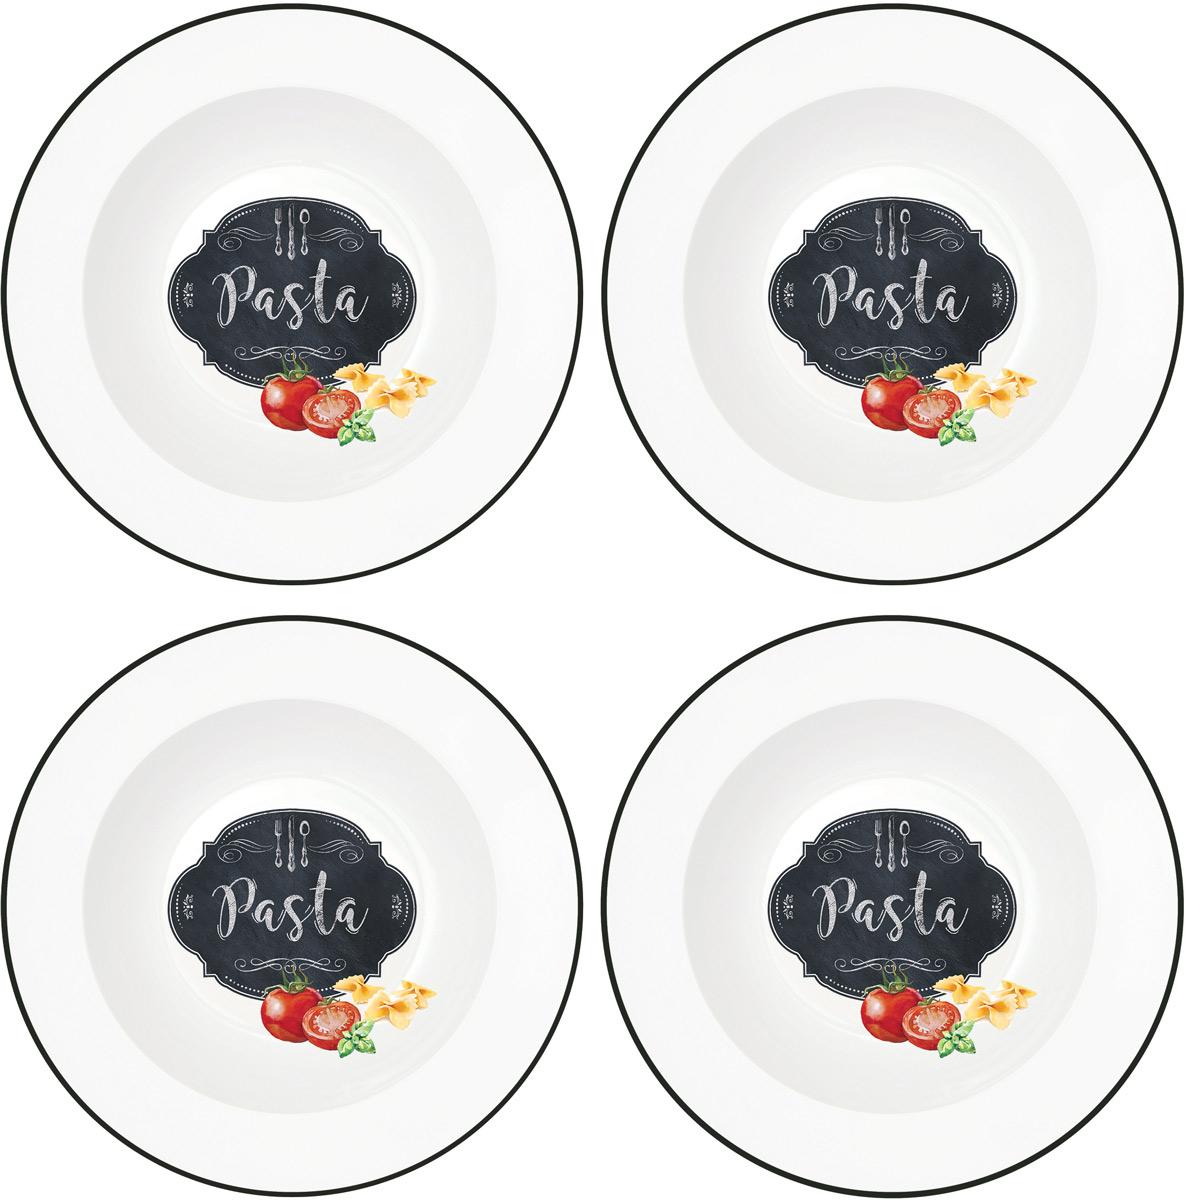 Набор тарелок Easy Life Кухня в стиле Ретро, диаметр 22 см, 4 штEL-R0819/KIBPНабор Easy Life Кухня в стиле Ретро состоит из четырех тарелок. Изделия, изготовленные из высококачественного фарфора, сочетают в себе изысканный дизайн с максимальной функциональностью. Тарелки предназначены для холодных и горячих продуктов. Такие тарелки незаменимы в поездках на природу и на пикниках.